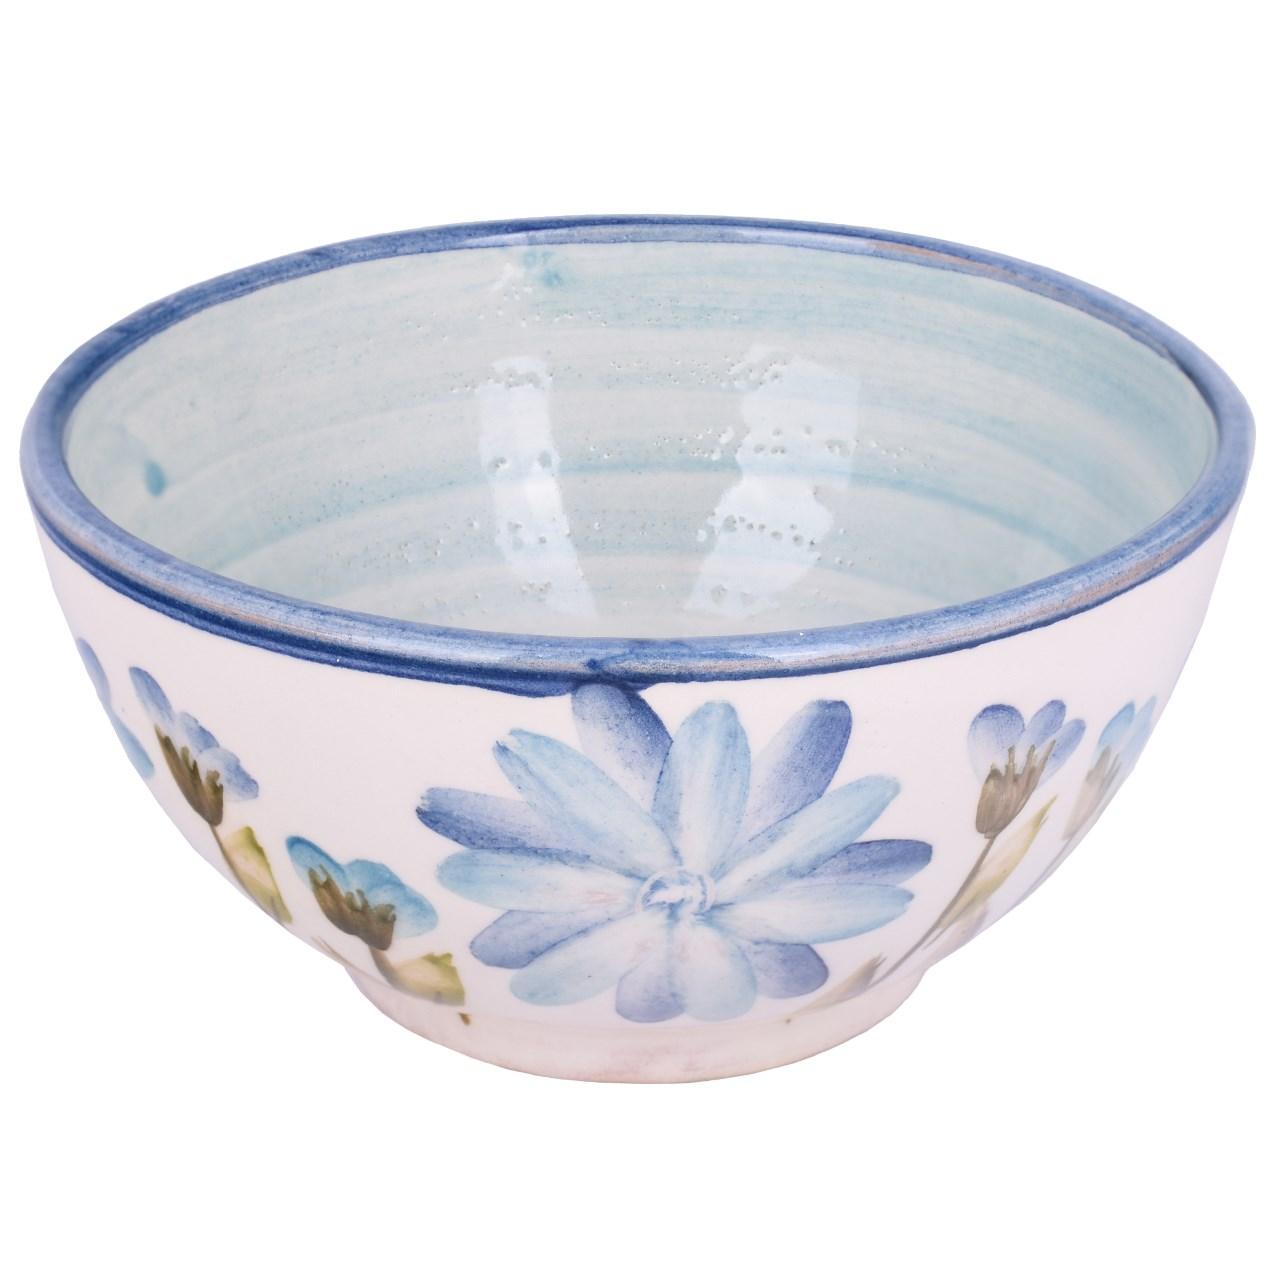 عکس کاسه آبگوشت خوری سفالی ملکه خورشید مدل گل های آبی مدل 00-03